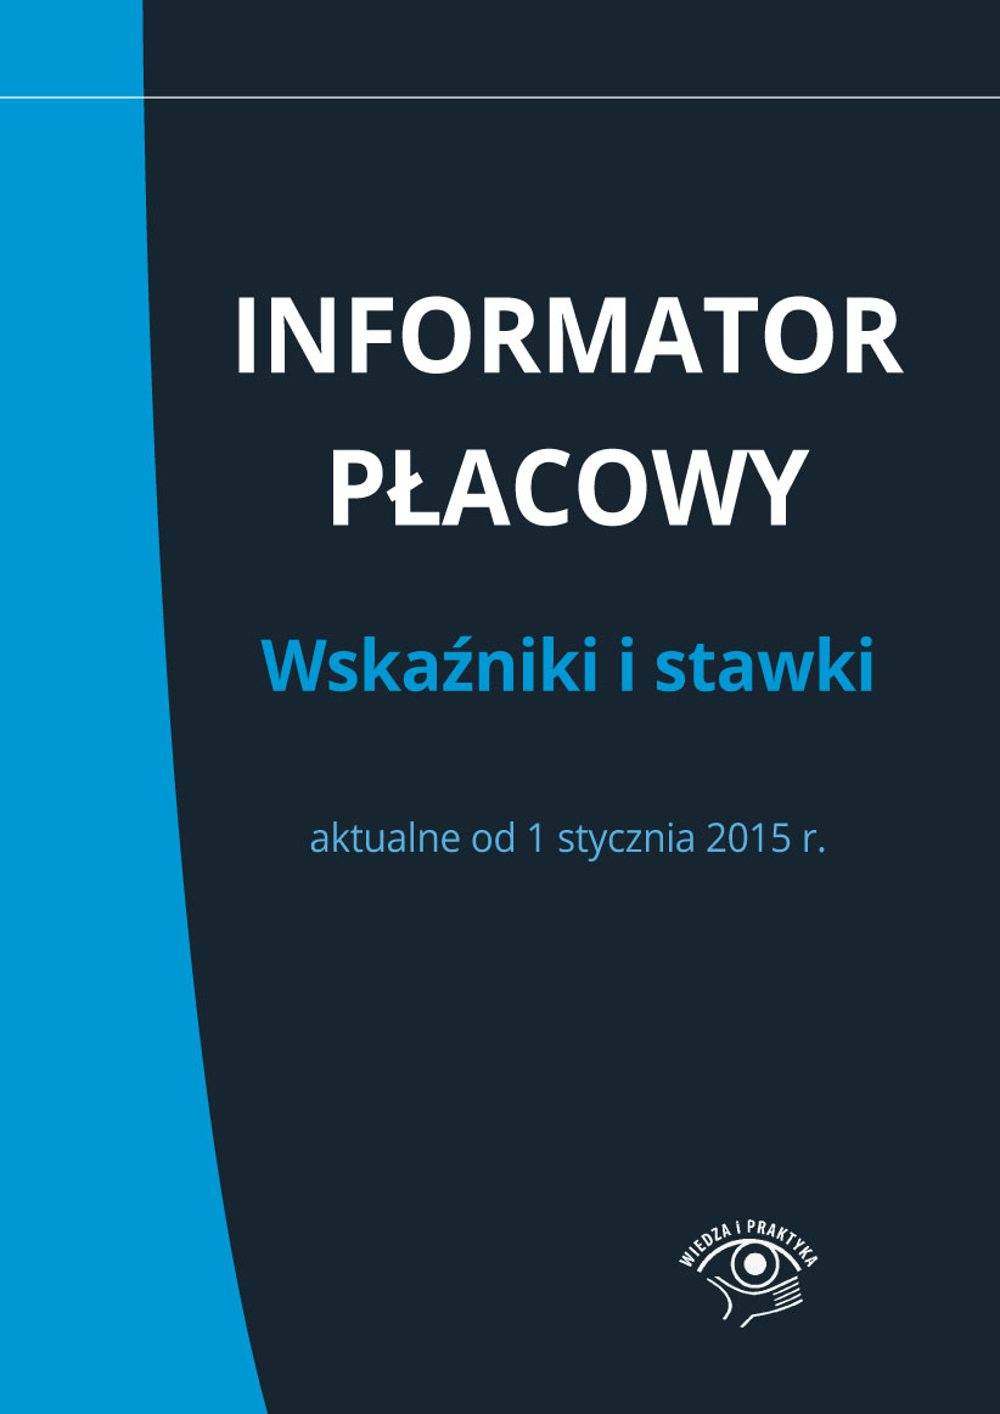 Informator płacowy. Wskaźniki i stawki aktualne od 1 stycznia 2015 r. - Ebook (Książka PDF) do pobrania w formacie PDF